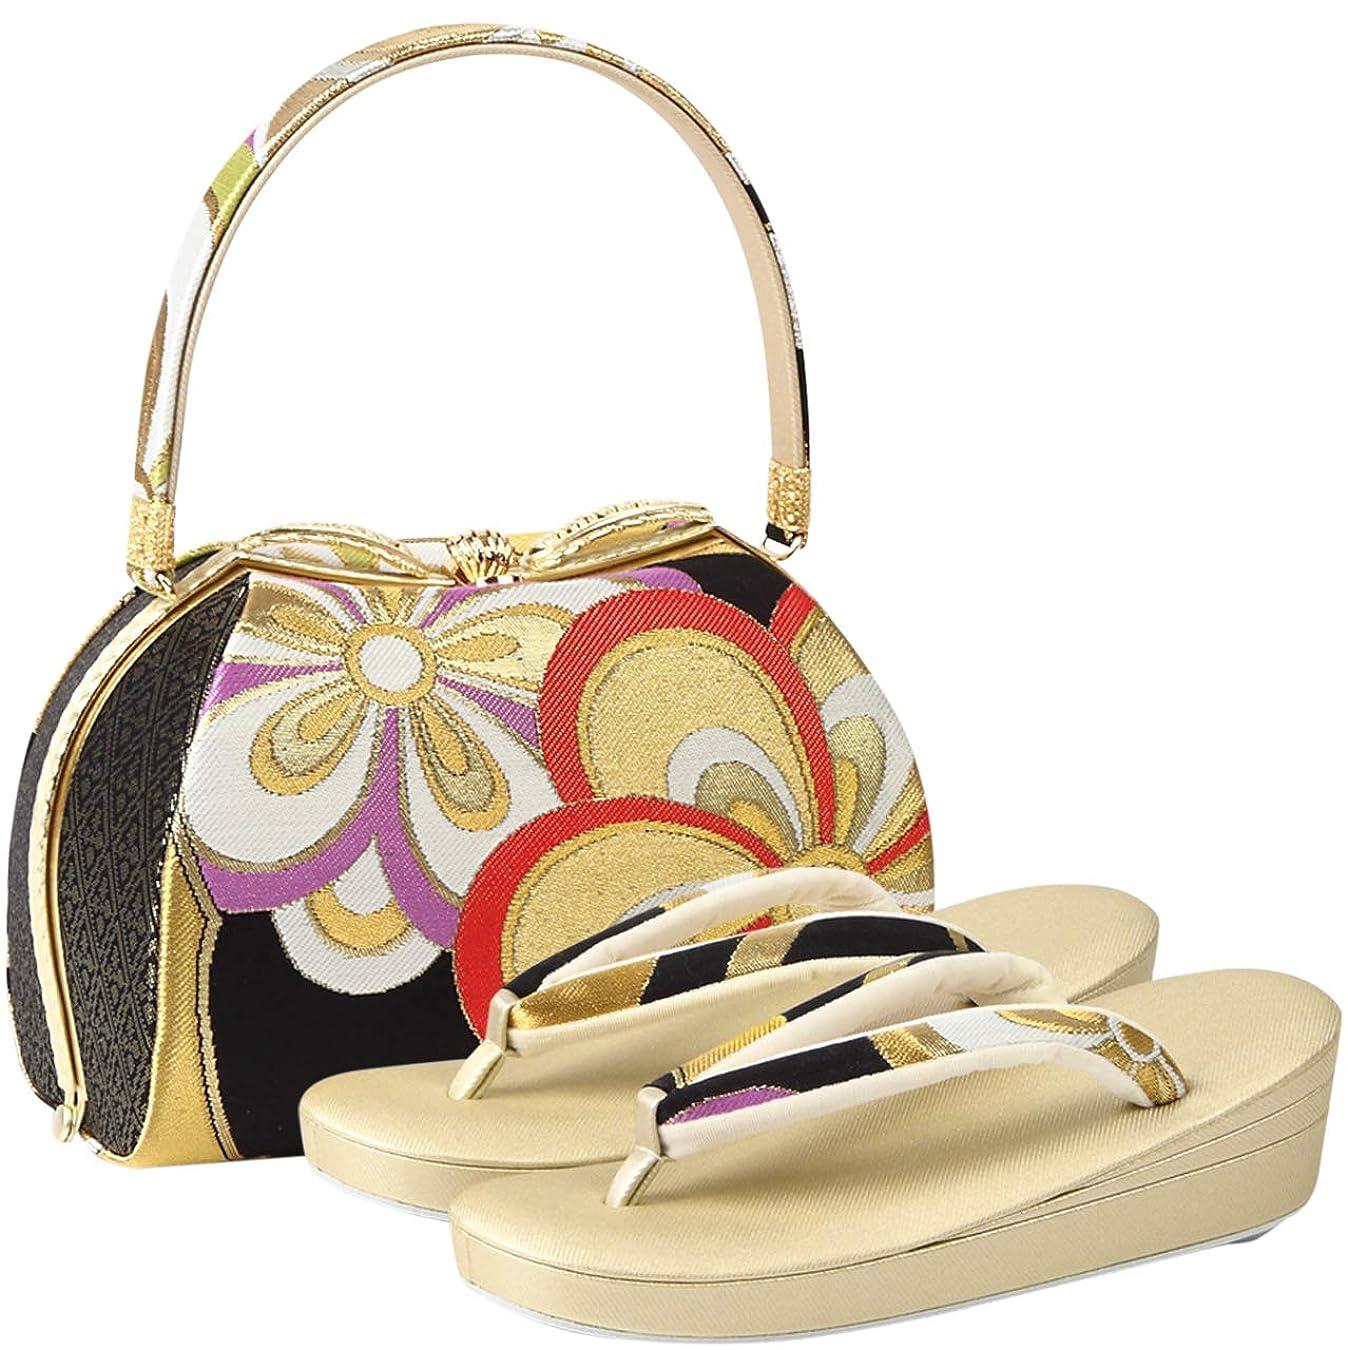 十乙女入口[紗織] 草履バッグセット レディース フリーサイズ 金色 N3452